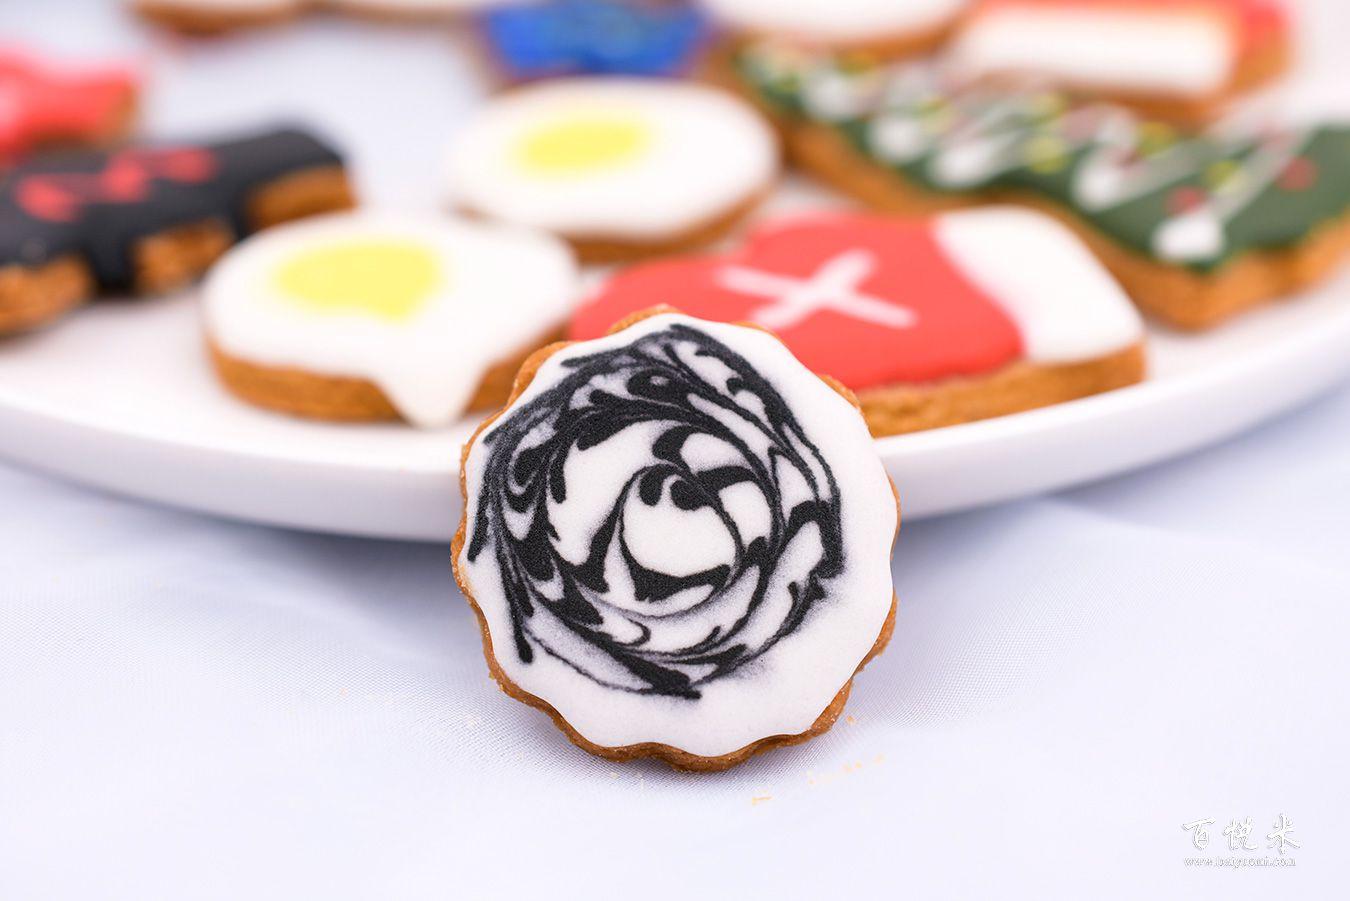 手绘卡通糖霜饼干高清图片大全【蛋糕图片】_930